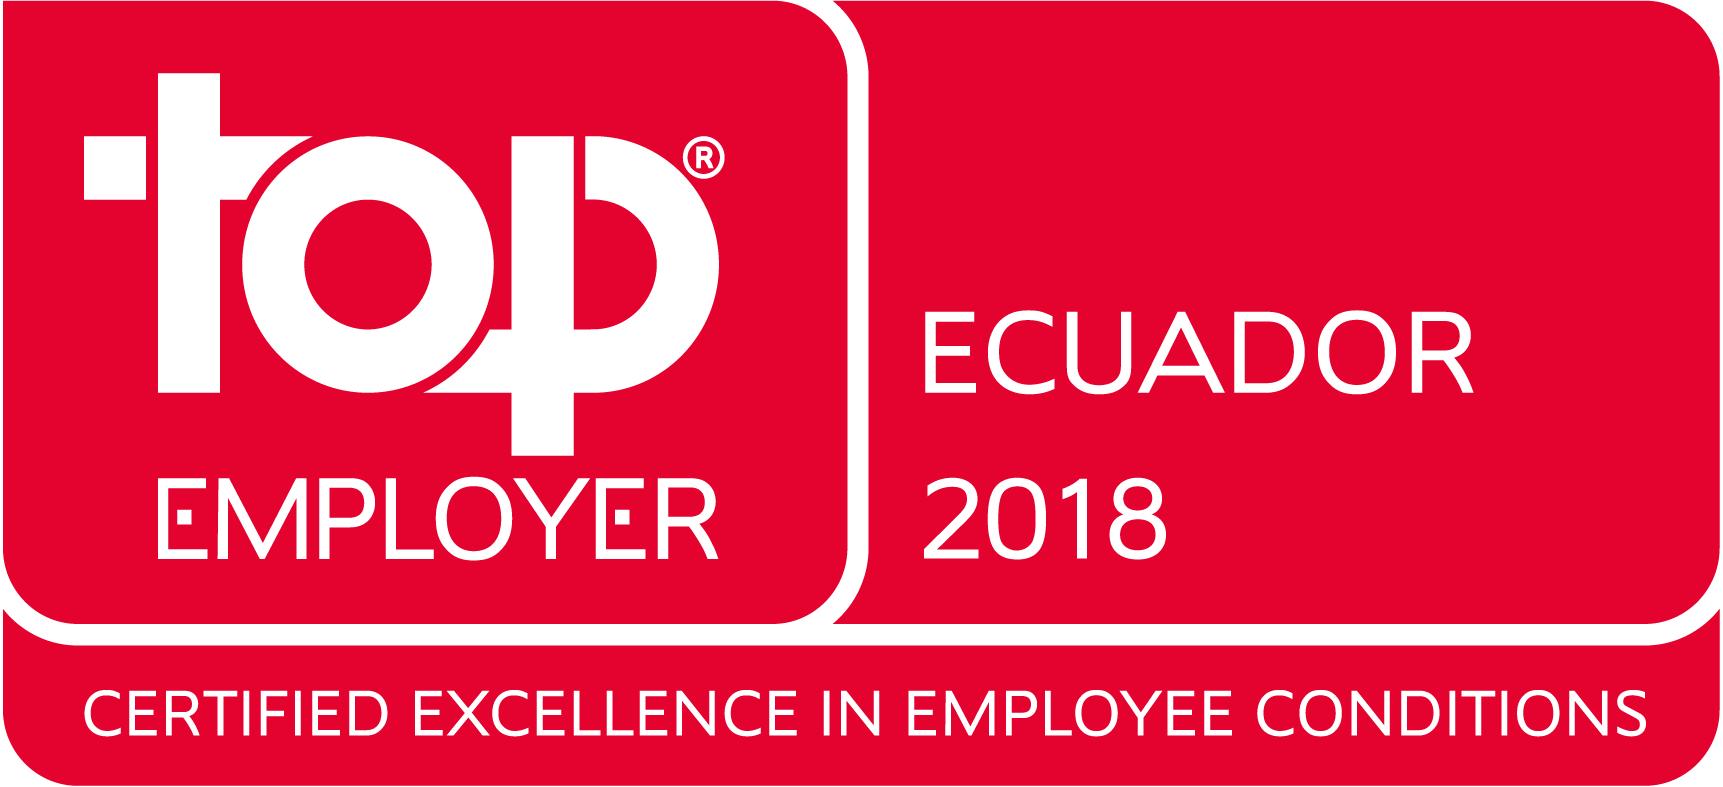 Top-Employers-Ecuador_2018